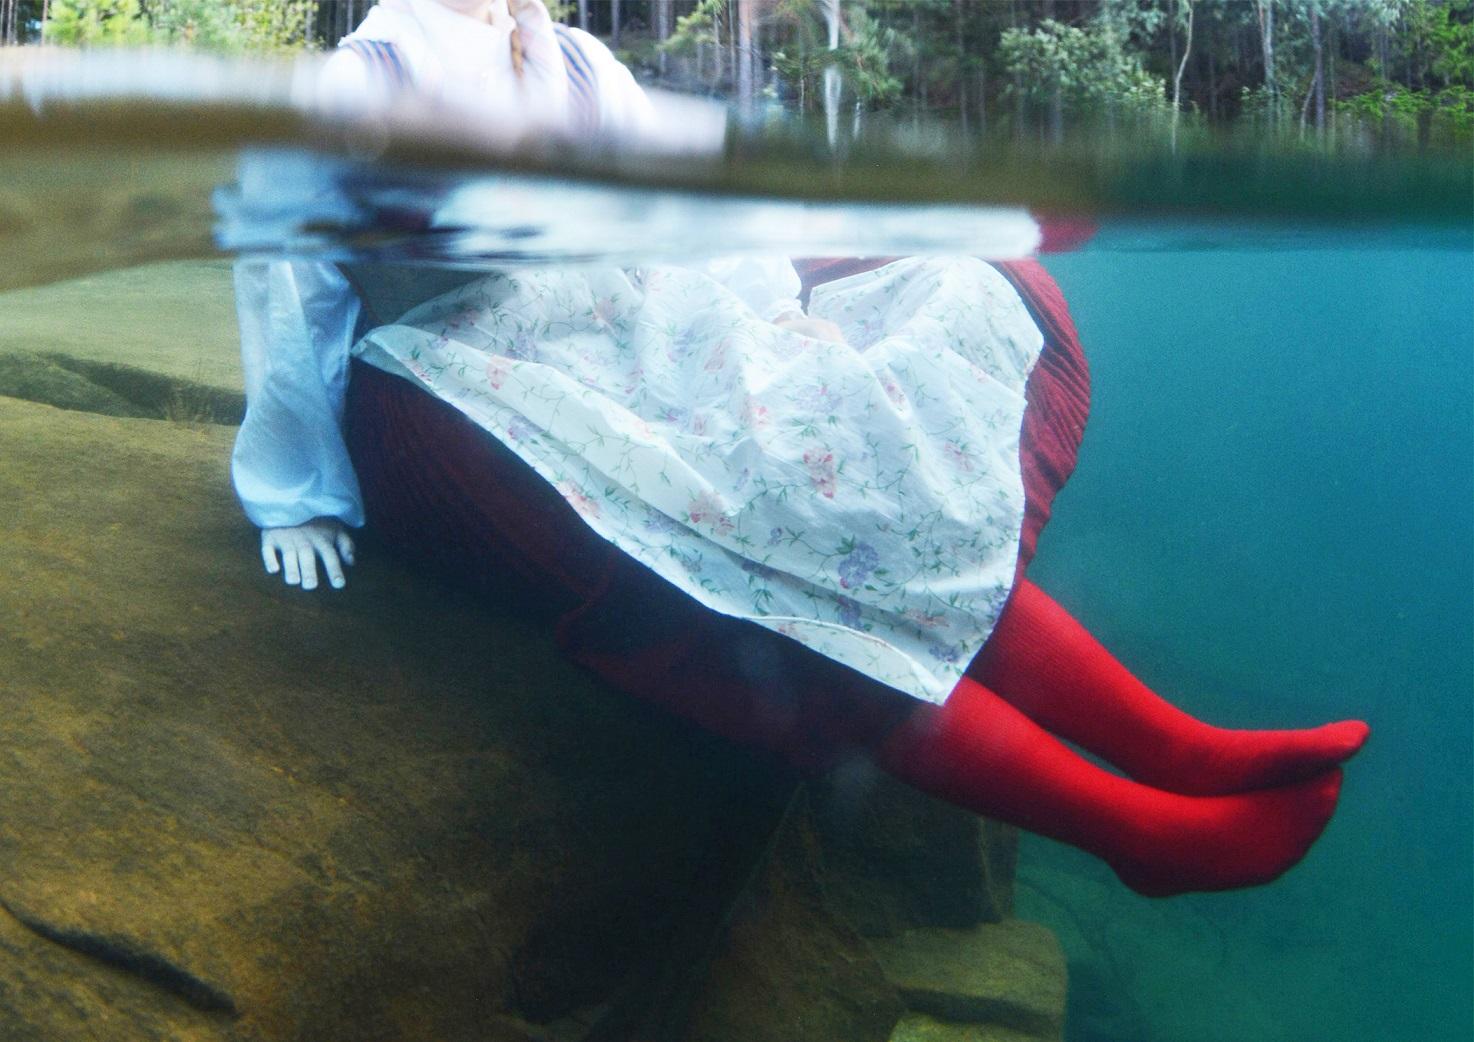 1 Del ur fotoserien Vandringssjön - Kvinna iförd Alfta hembygdsdräkt under vatten. Foto Tobias D